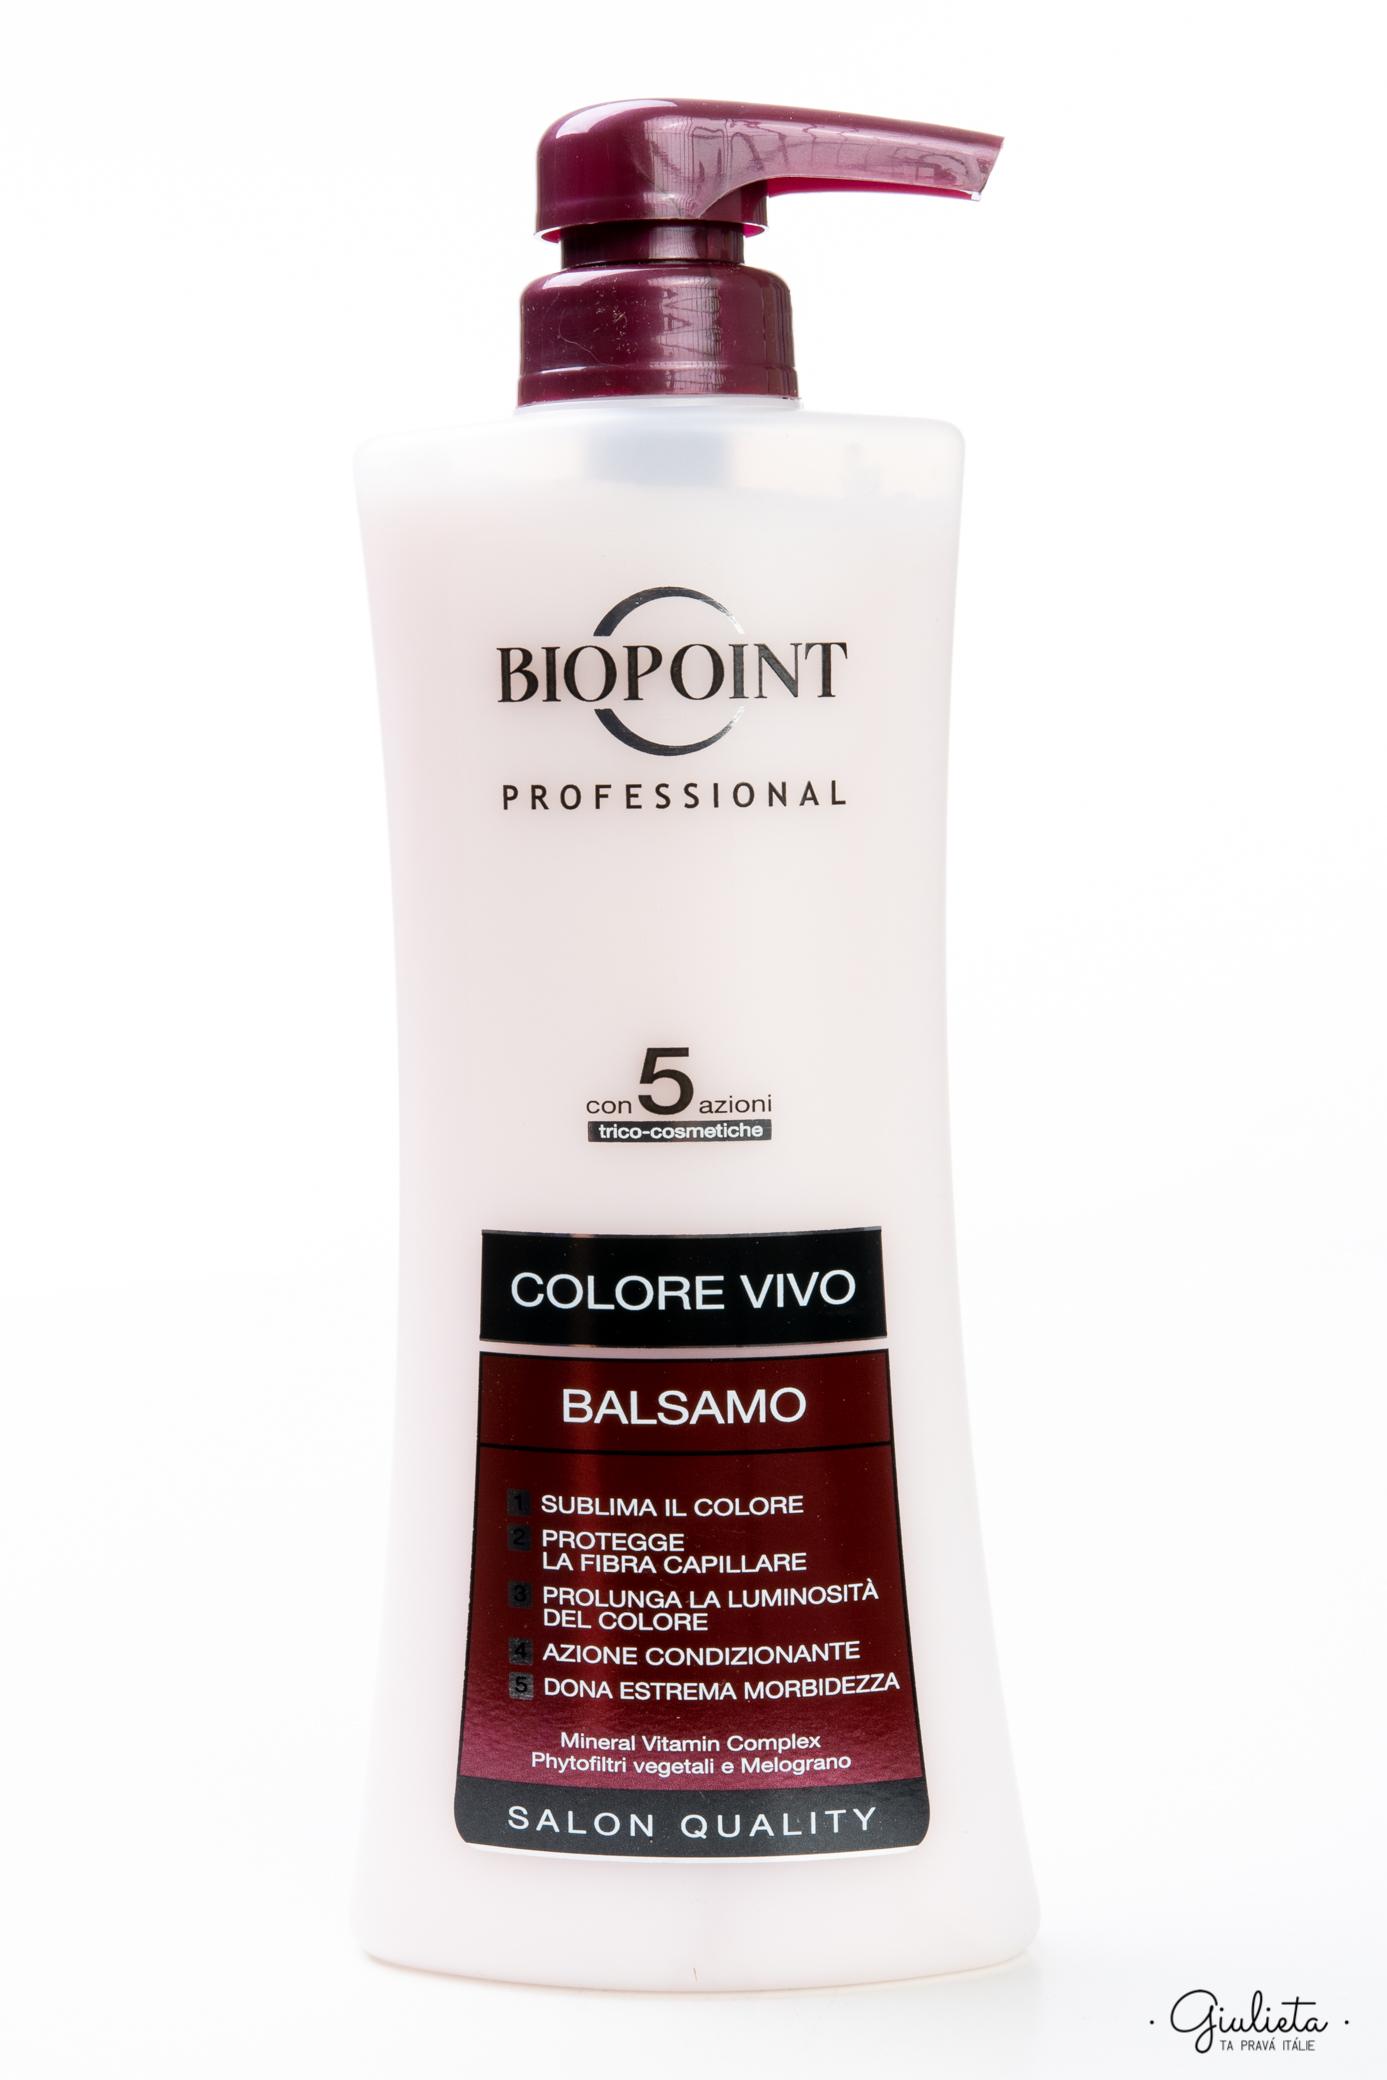 Biopoint Balsamo Colore Vivo, 400 ml